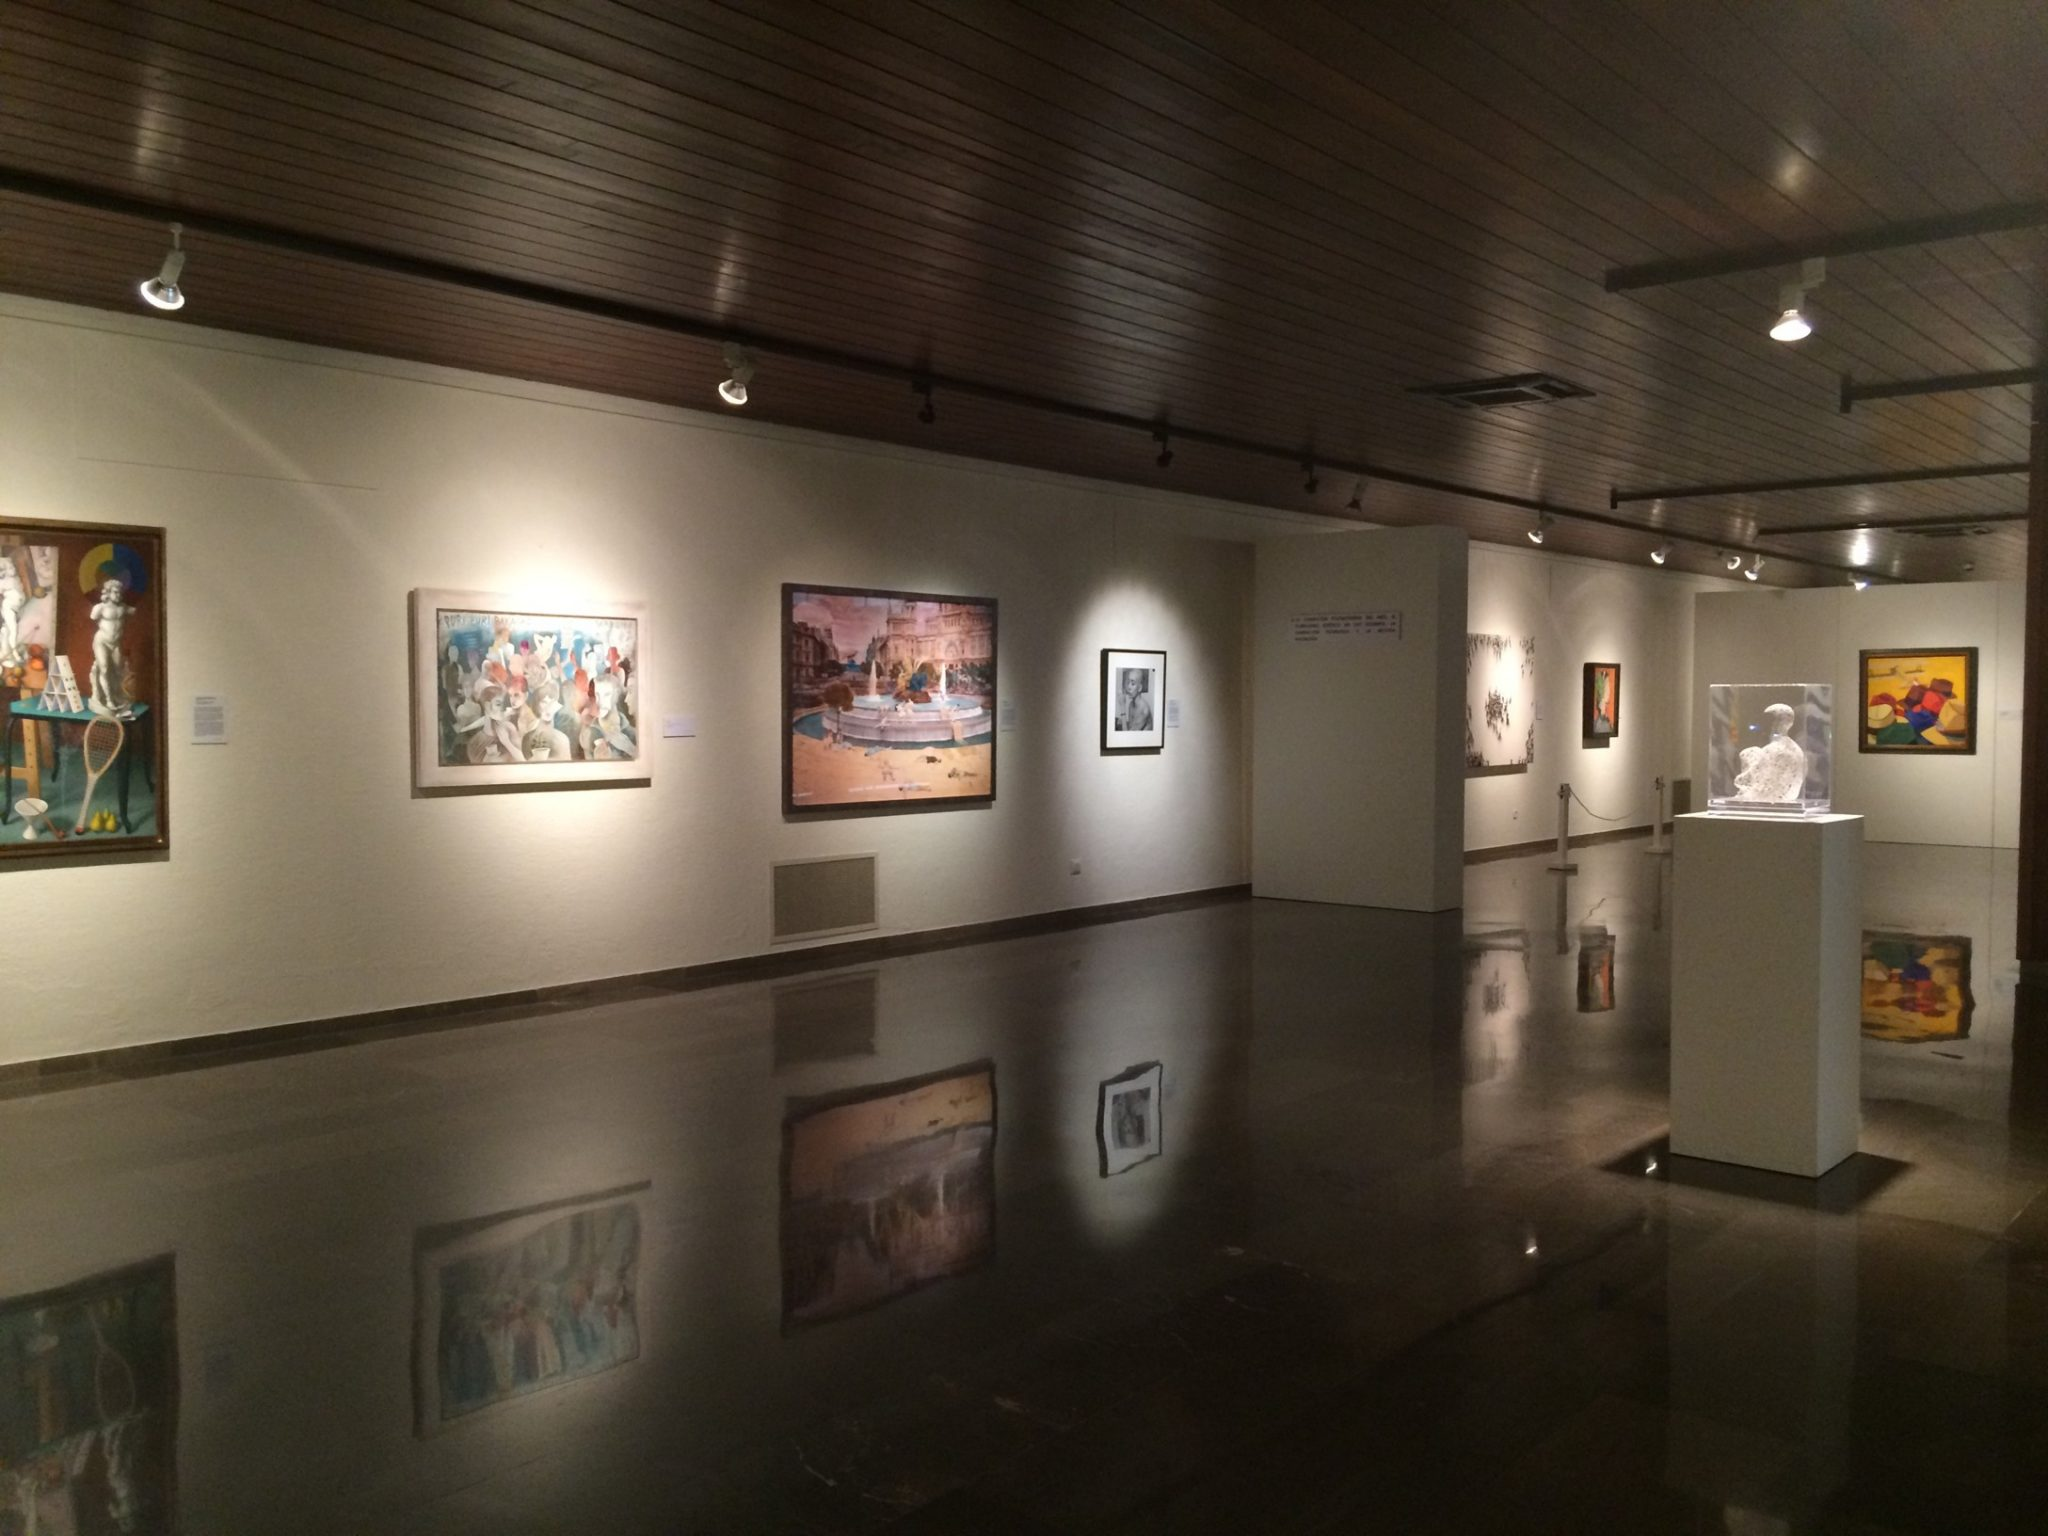 La Colección Himalaya en el Museo de Albacete hasta el 20 de septiembre